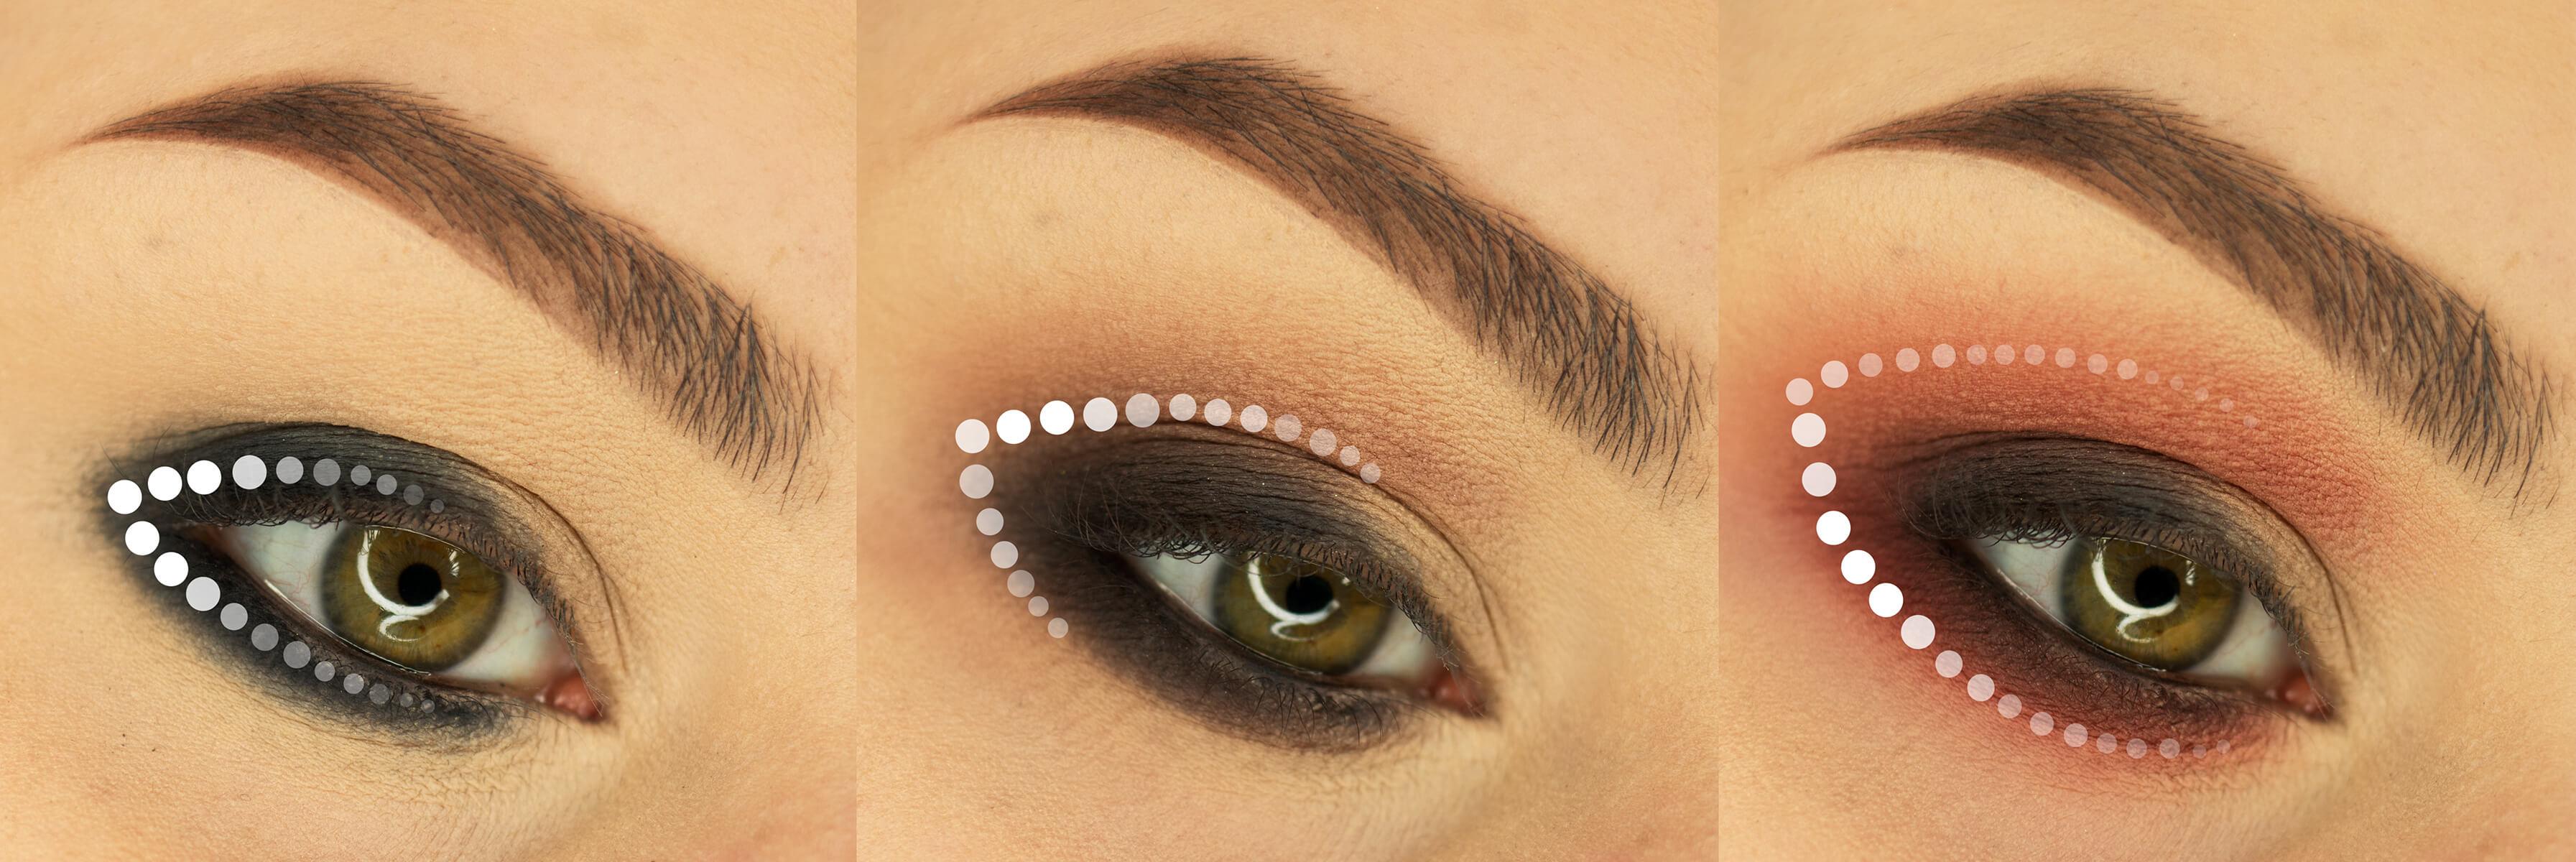 makijaż studniówkowy inspiracja